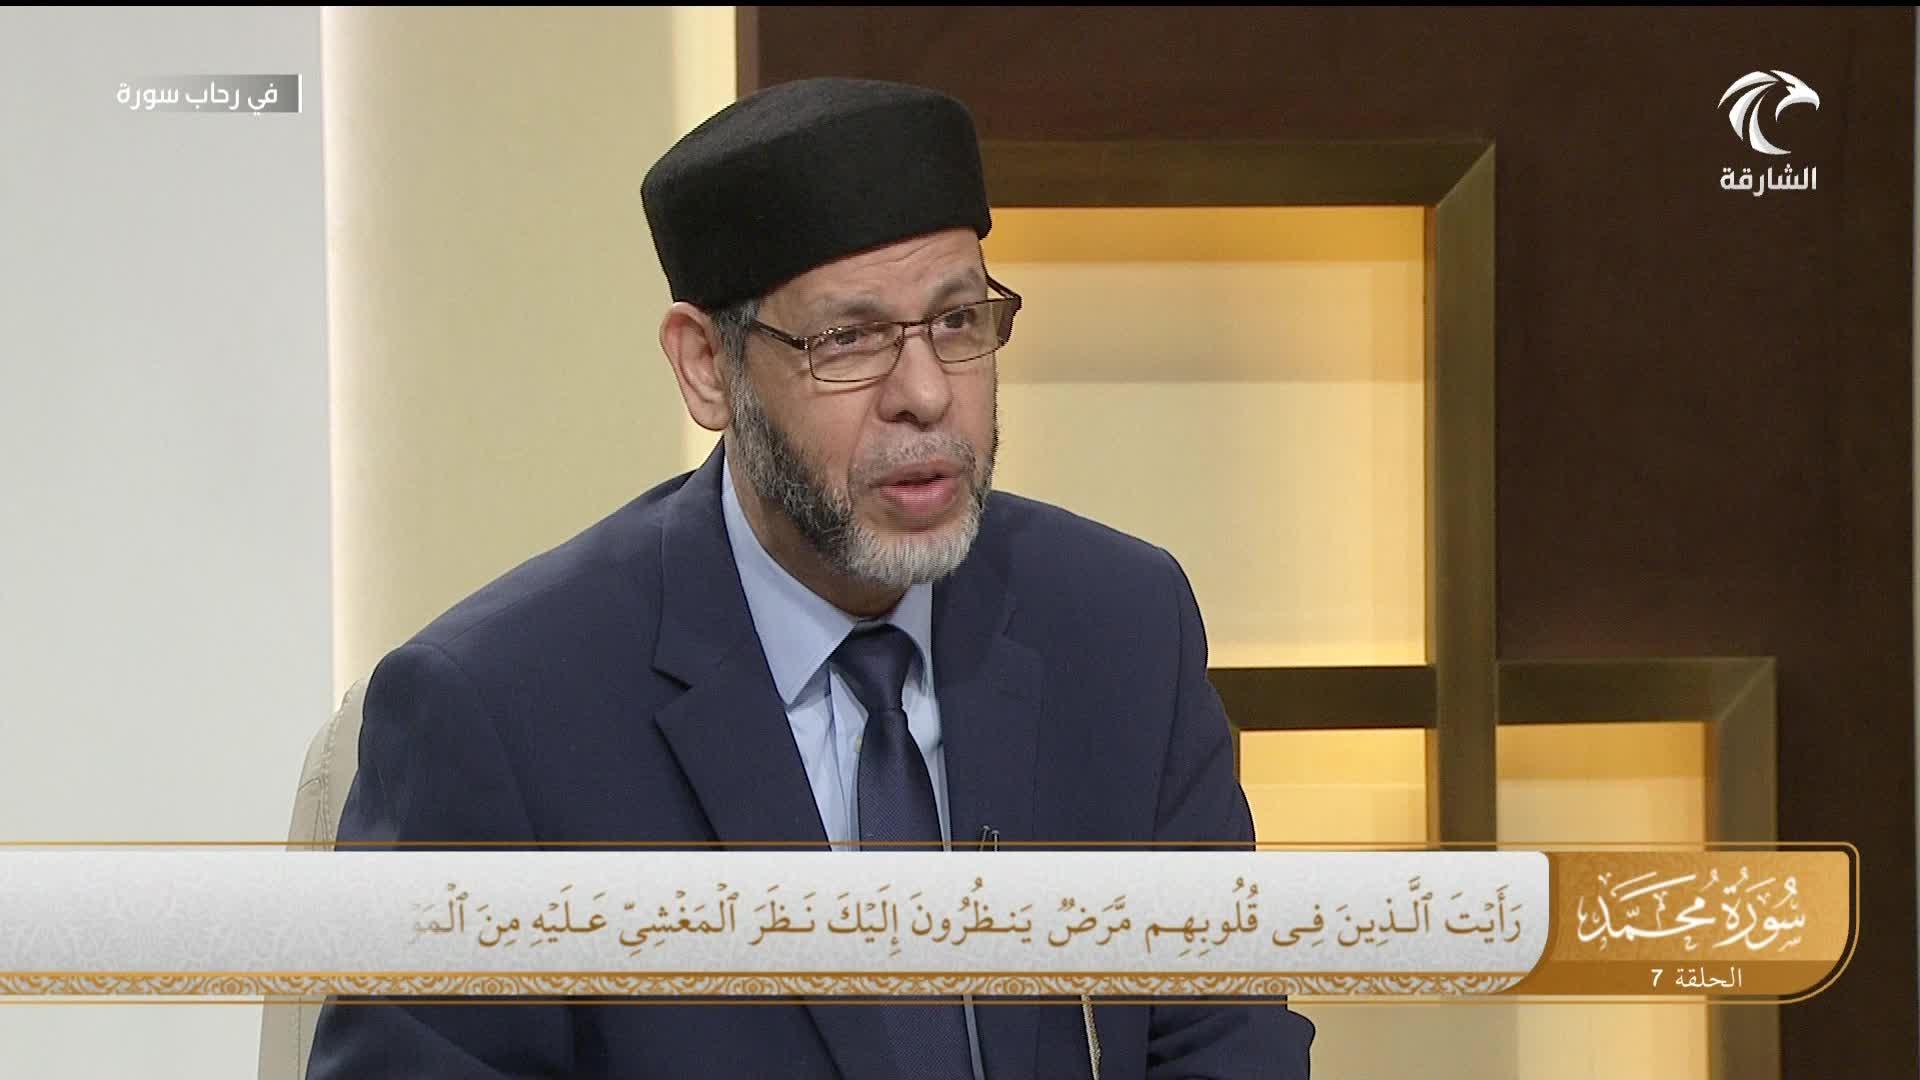 سورة محمد الجزء السابع